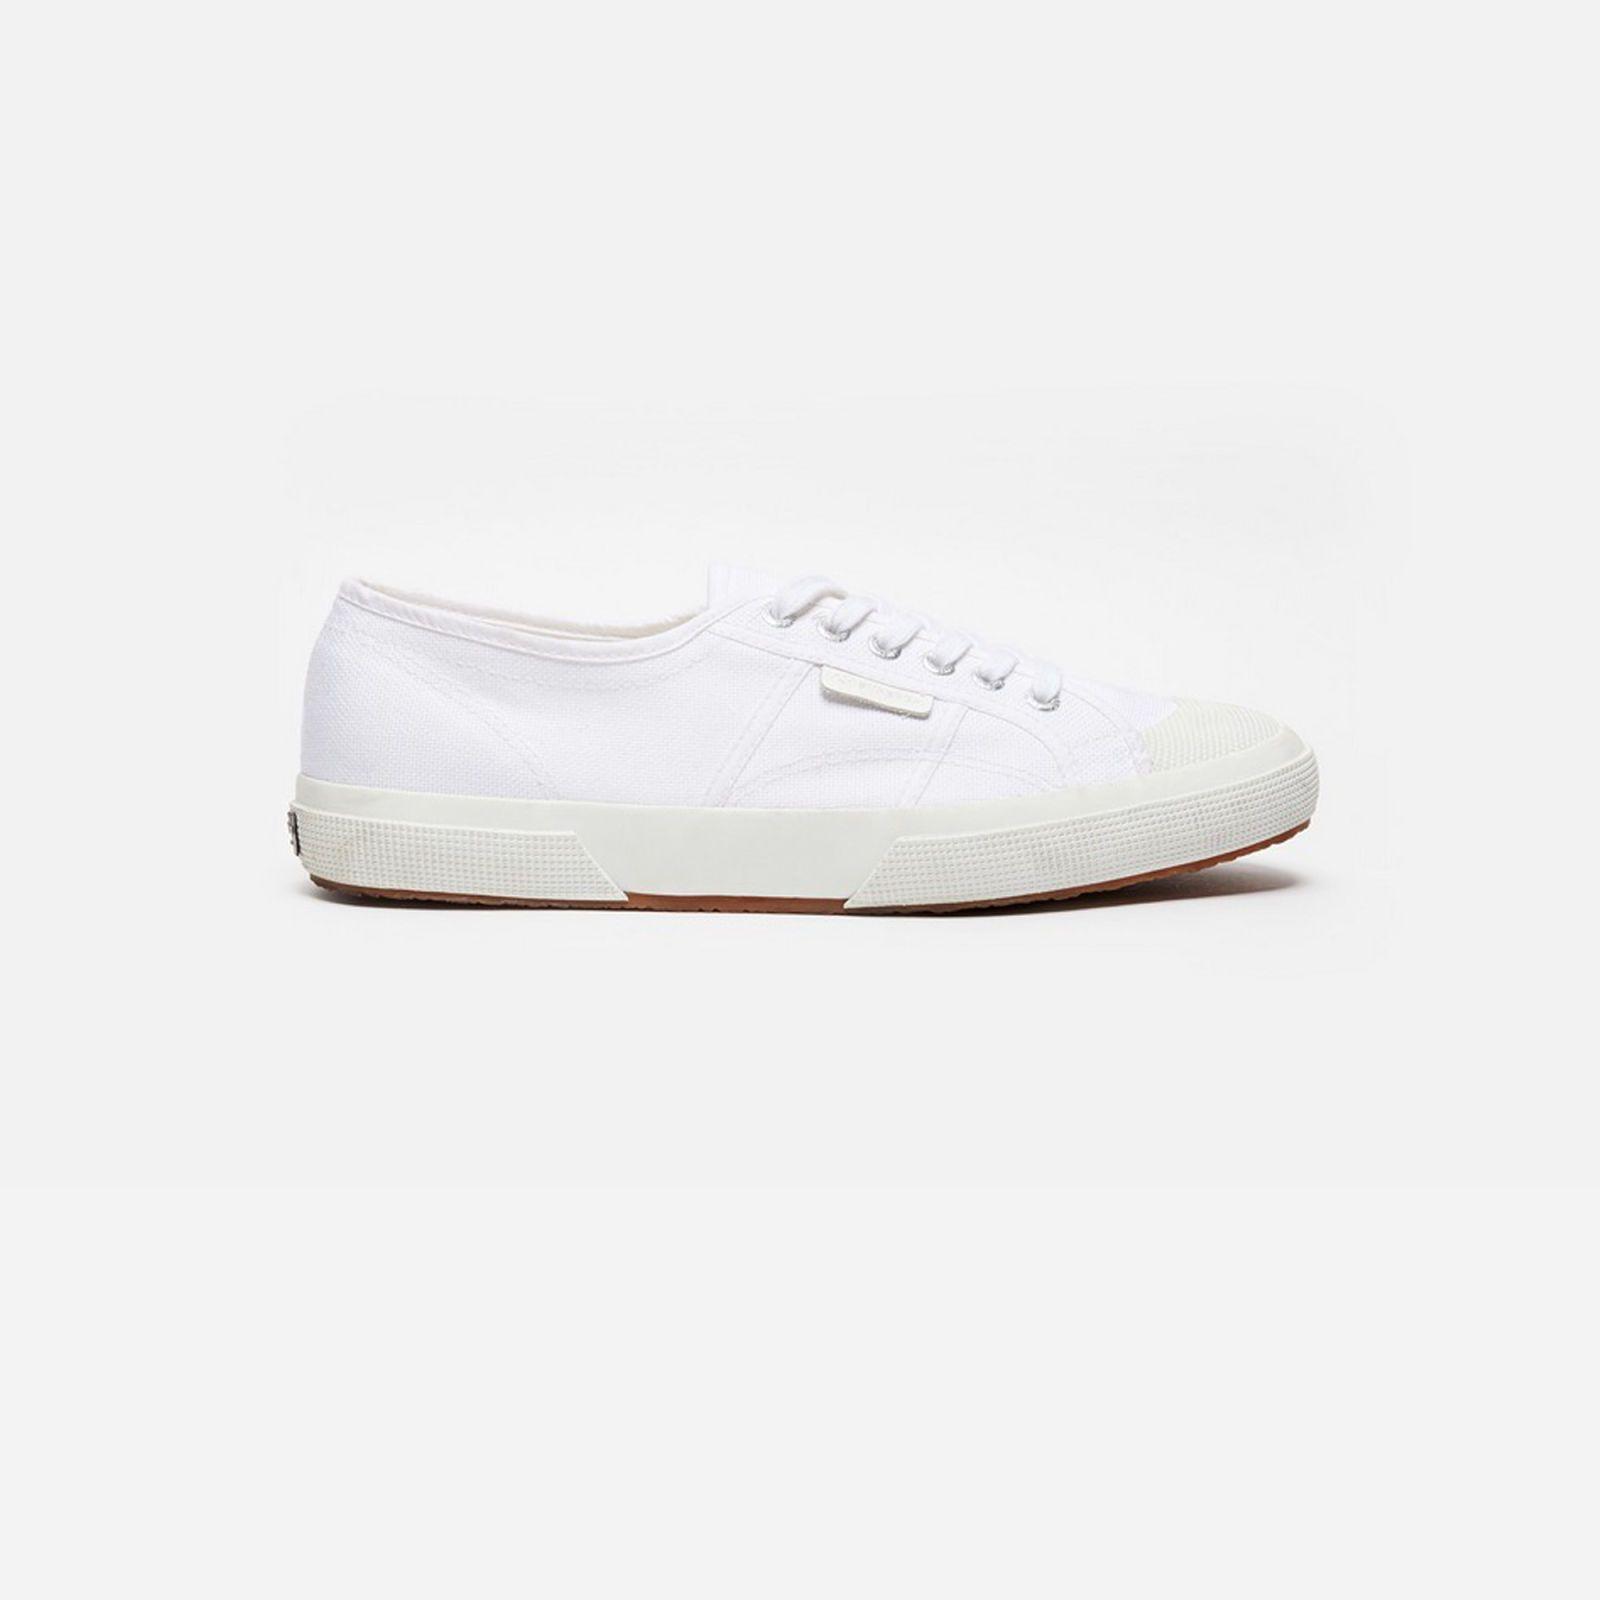 """<p><em>€ 85, </em><a href=""""http://fr.sandro-paris.com/fr/homme/chaussures/baskets-superga-x-sandro-2750/CH1269S.html?dwvar_CH1269S_color=10#start=1"""" target=""""_blank""""><em>sandro.com</em></a></p>"""